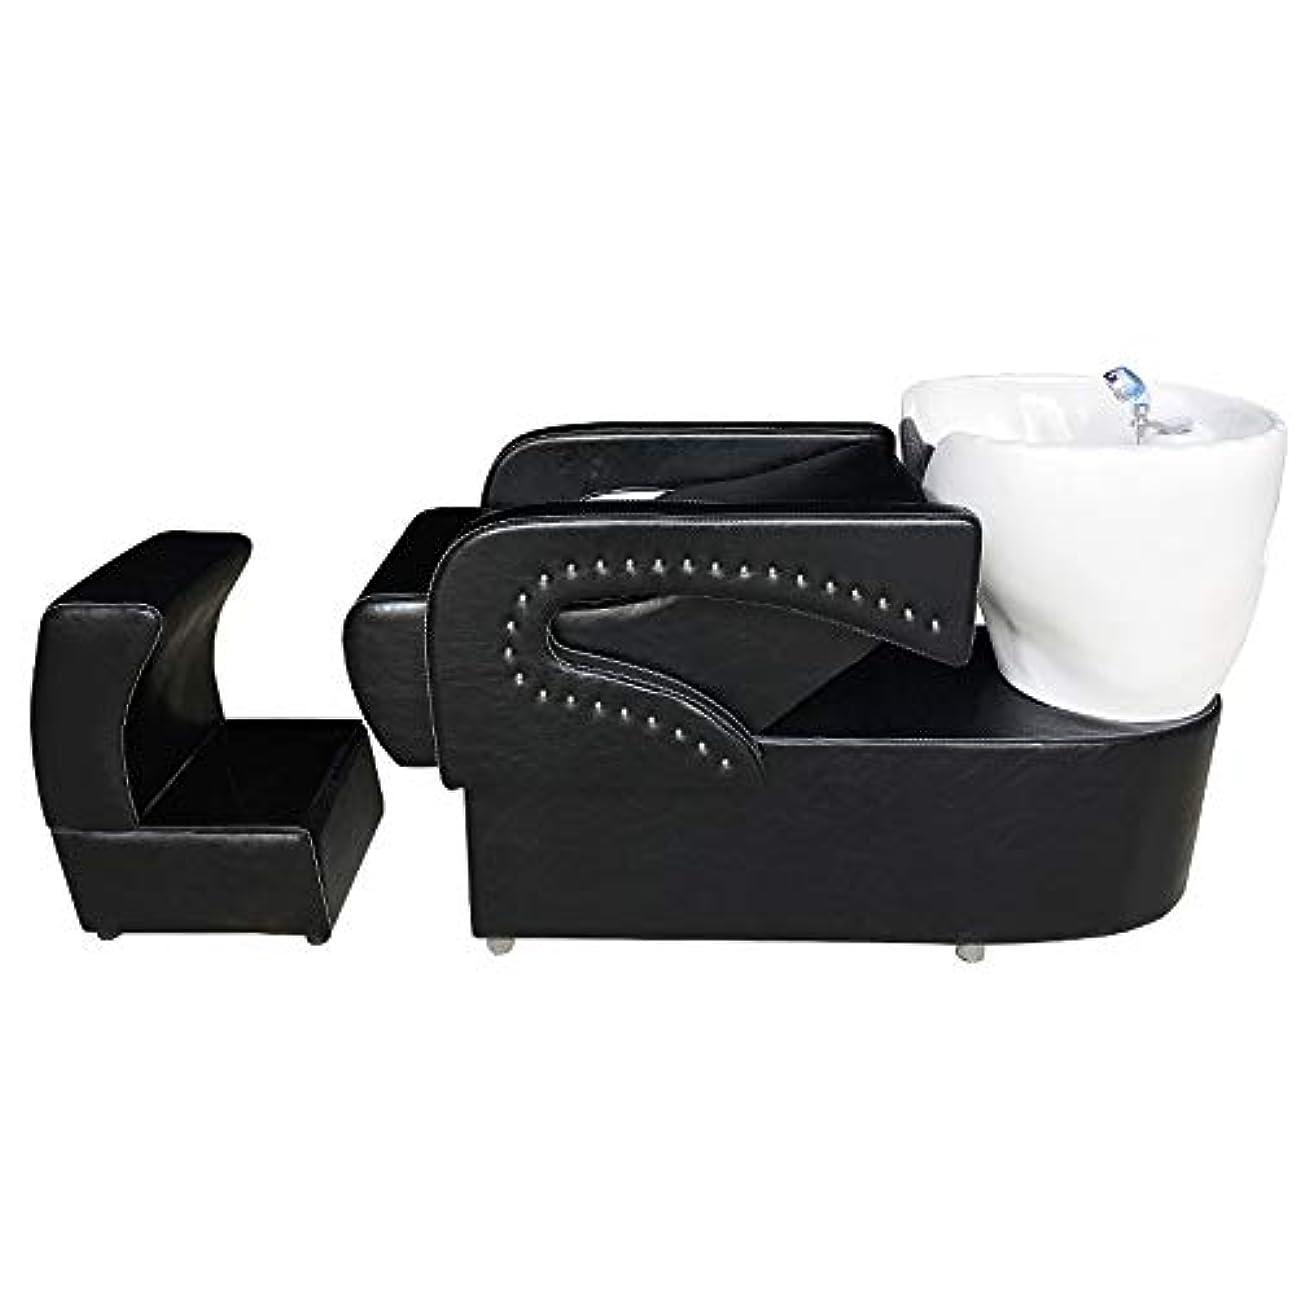 クレジット航空便床を掃除するシャンプーの理髪師の逆洗の椅子、鉱泉の美容院のためのシャンプーボールの流しの椅子は半くぼみのフラッシュベッドを流します